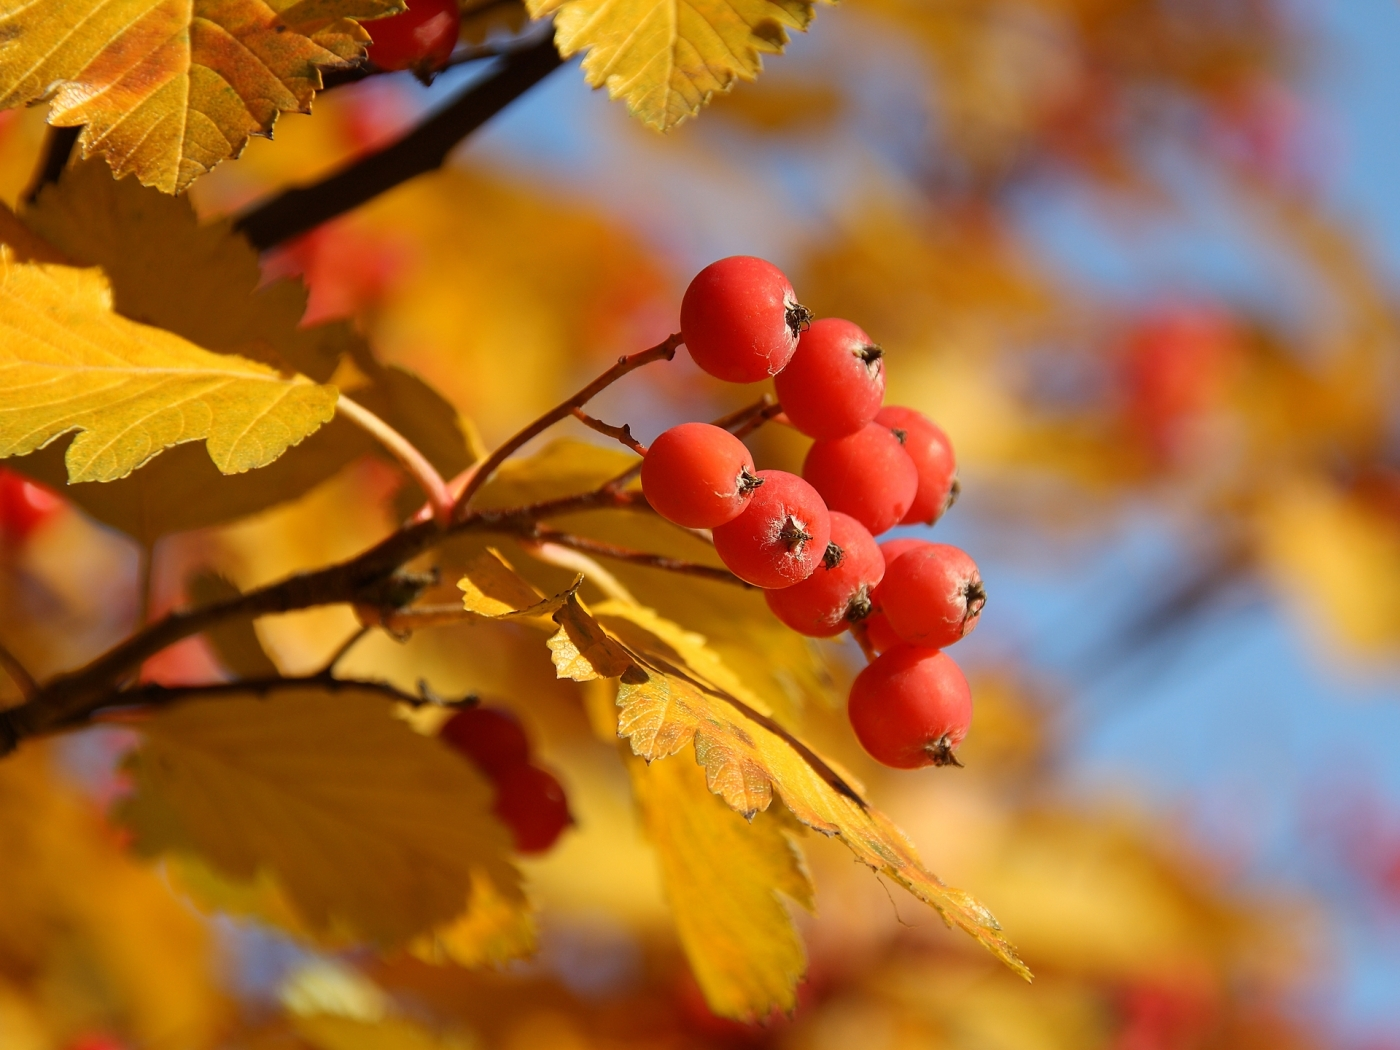 Популярные картинки Осень в HD качестве